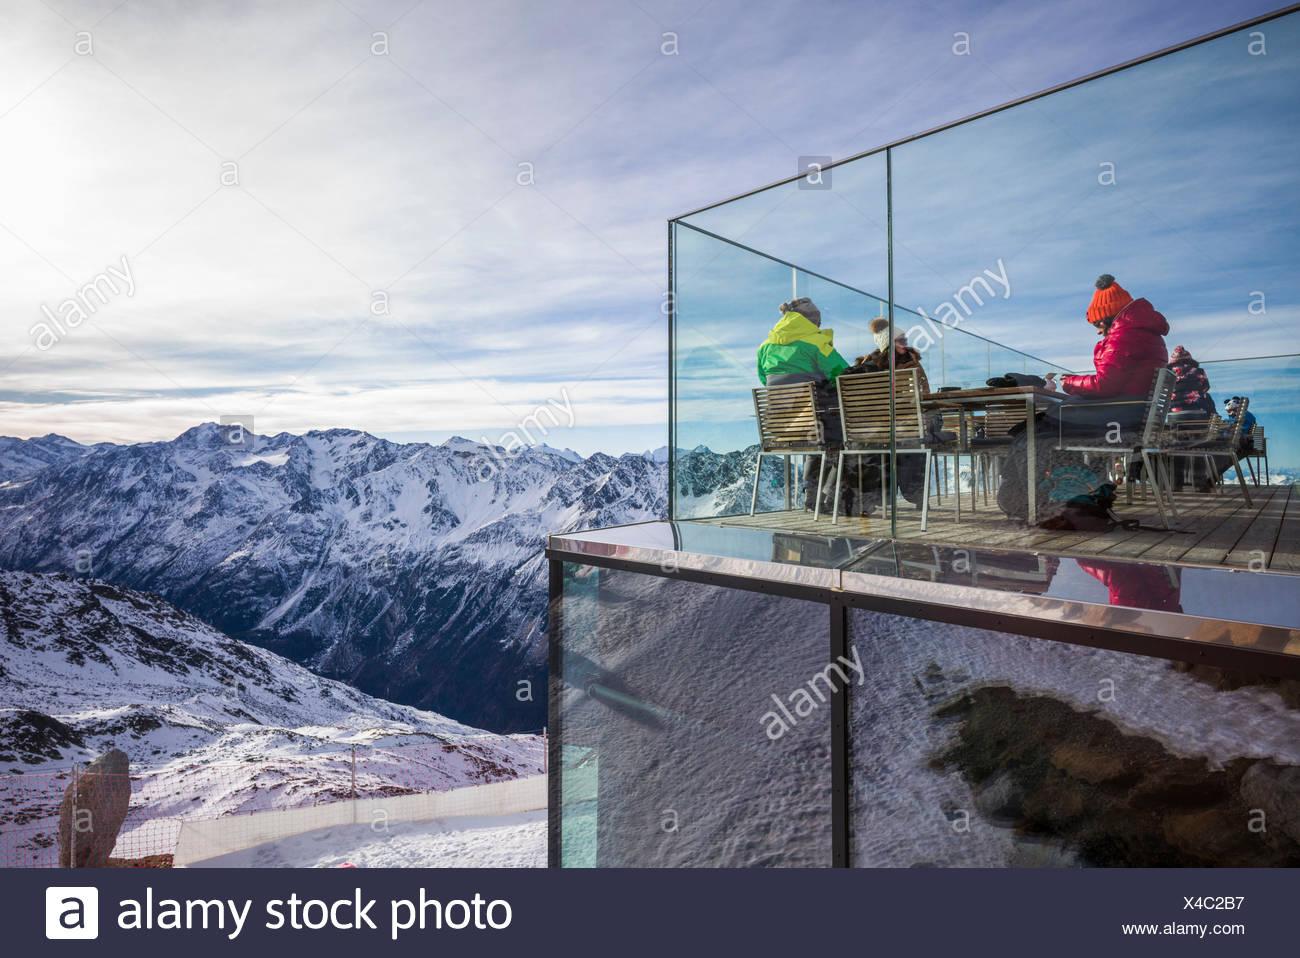 Österreich, Tirol, Sölden, gaislachkogl otztal Ski Mountain, gaislachkogl Gipfel, Höhe 3059 m, Eis q Gourmet Restaurant, Essbereich im Freien, im Winter Stockbild